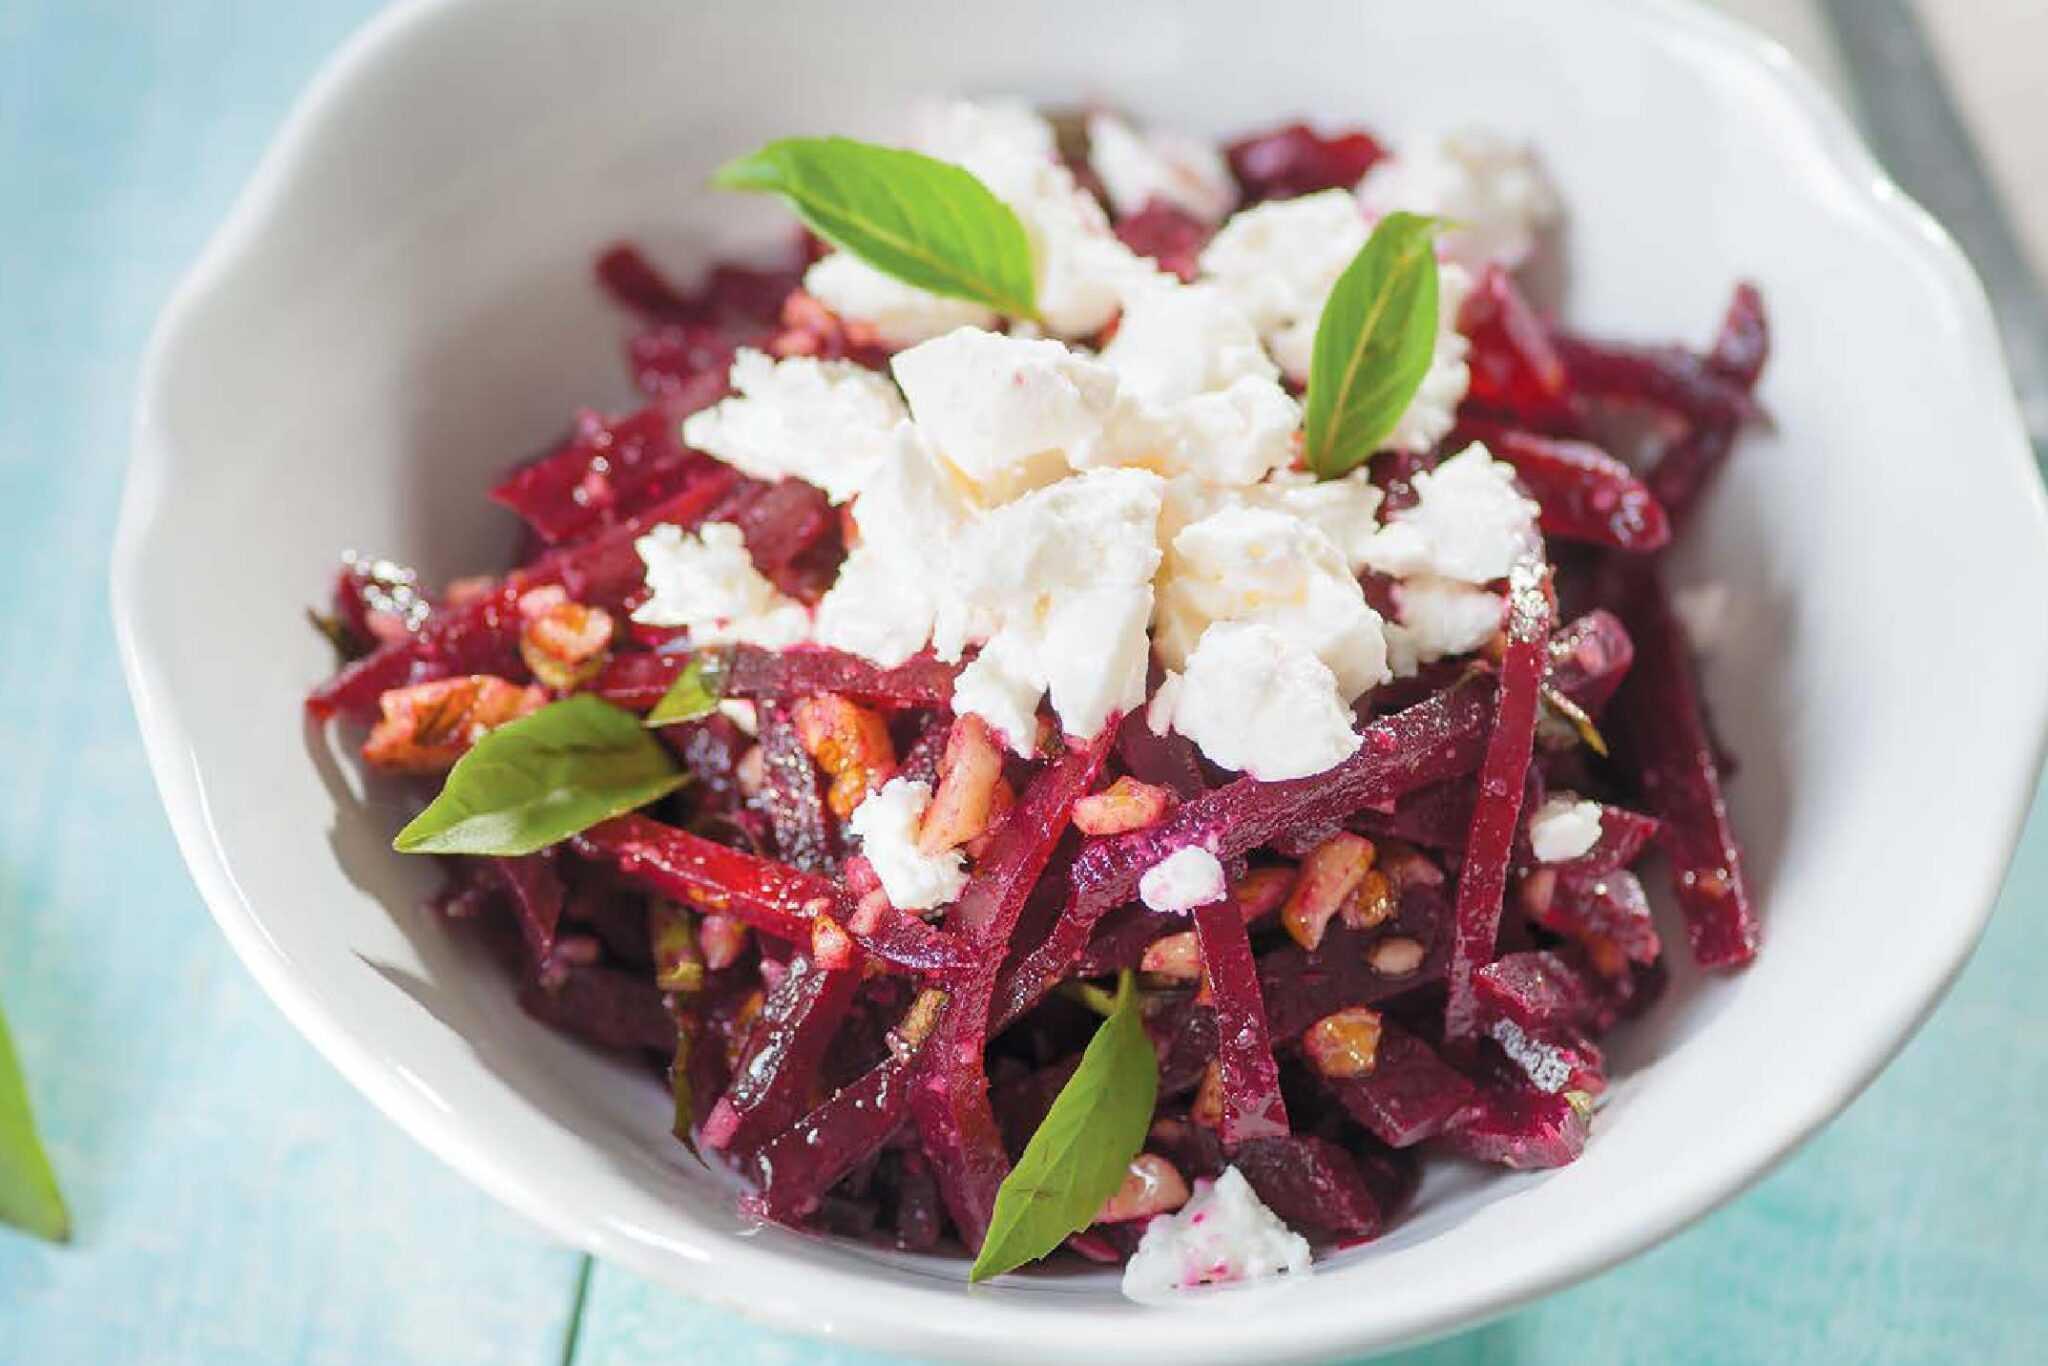 Салат со свеклой и сыром - вкусное сочетание простых ингредиентов: рецепт с фото и видео